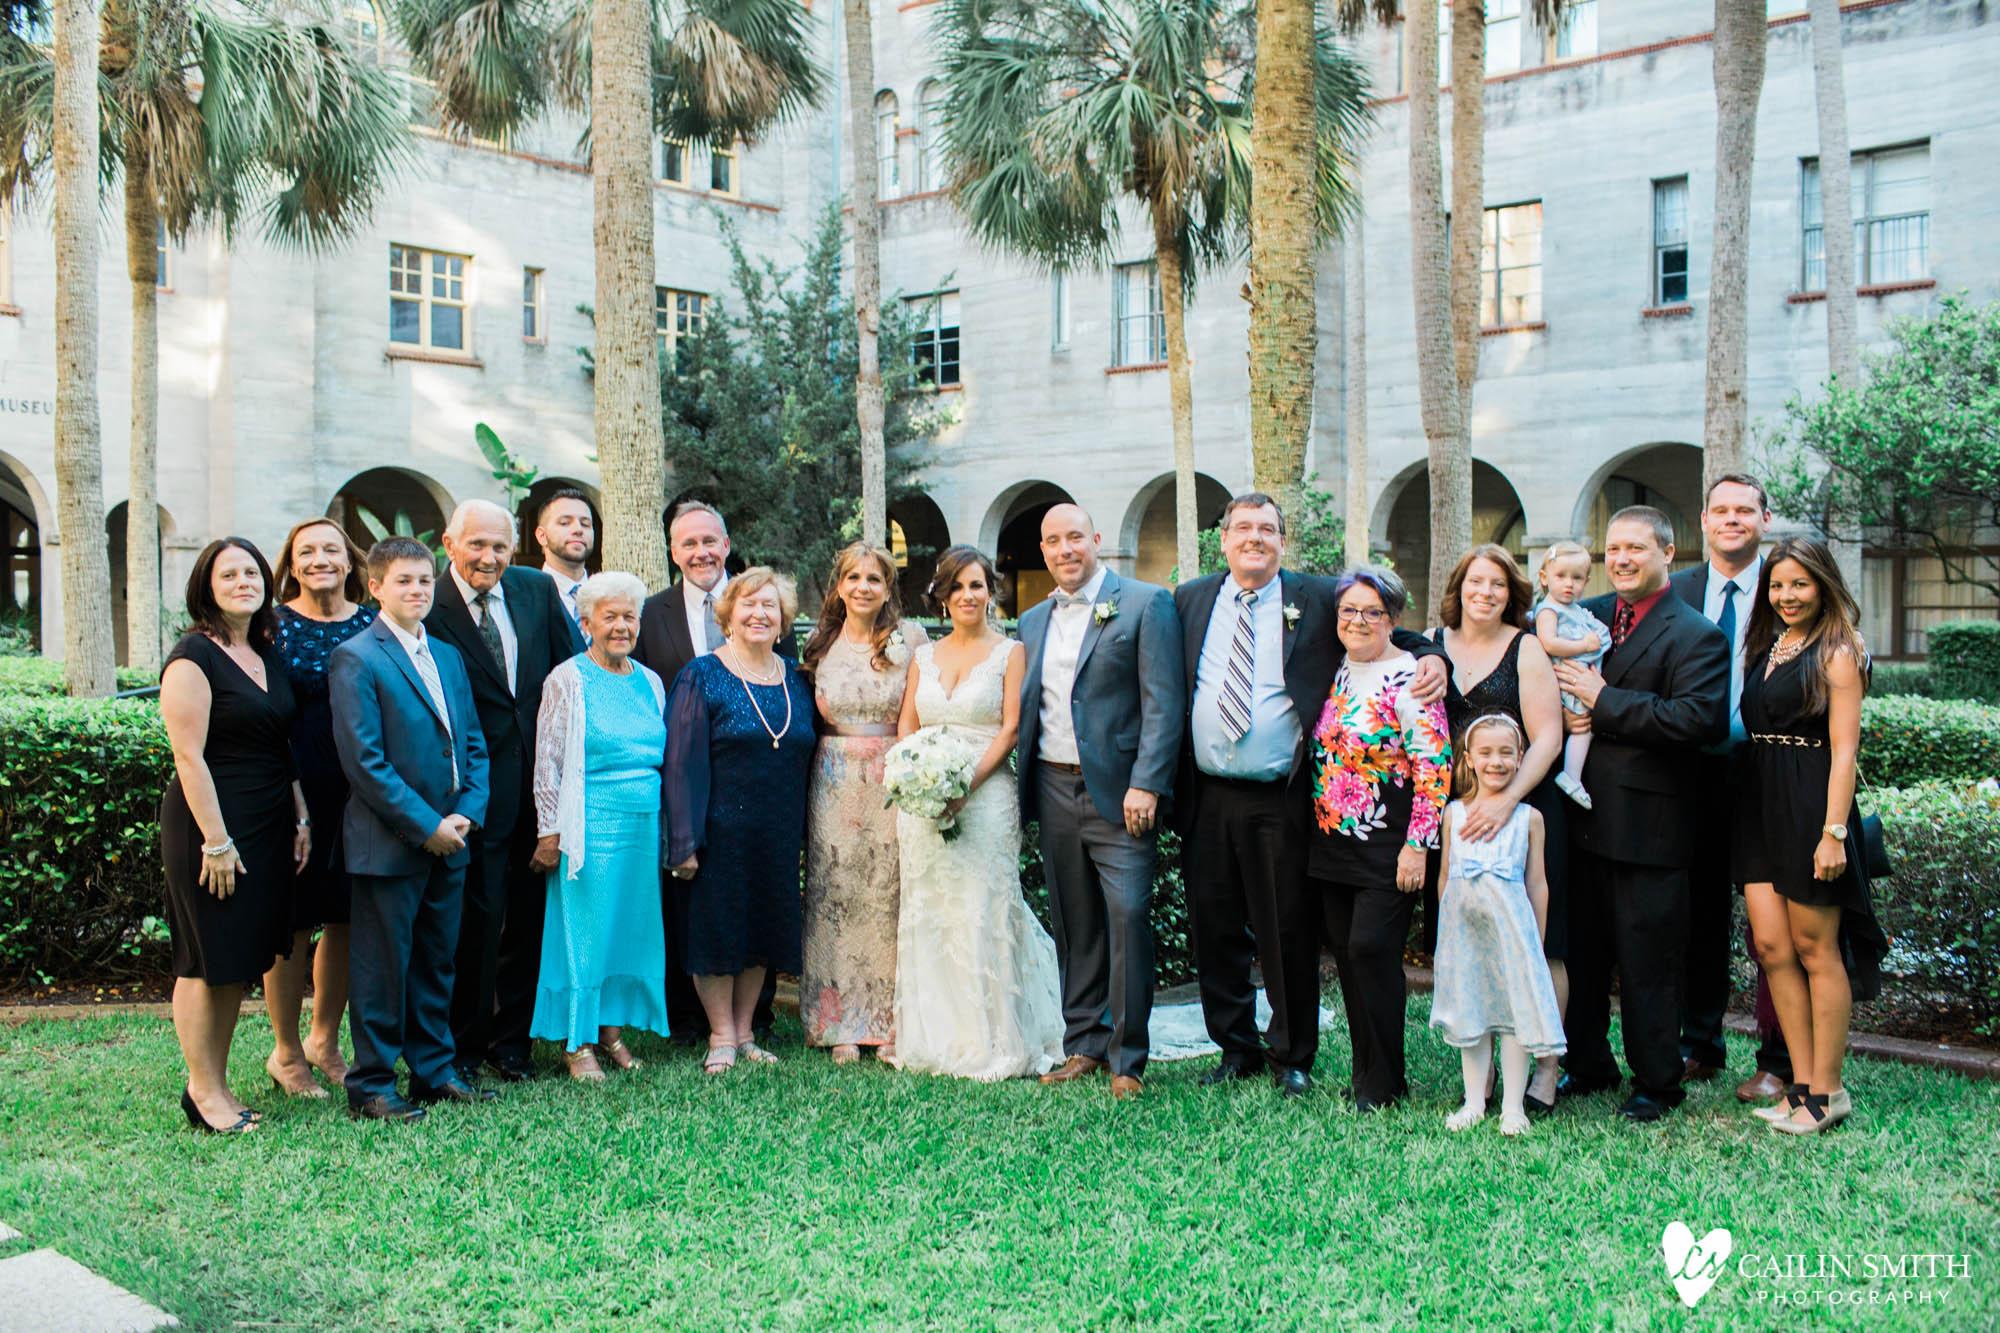 Kaitlyn_John_White_Room_St_Augustine_Wedding_046.jpg